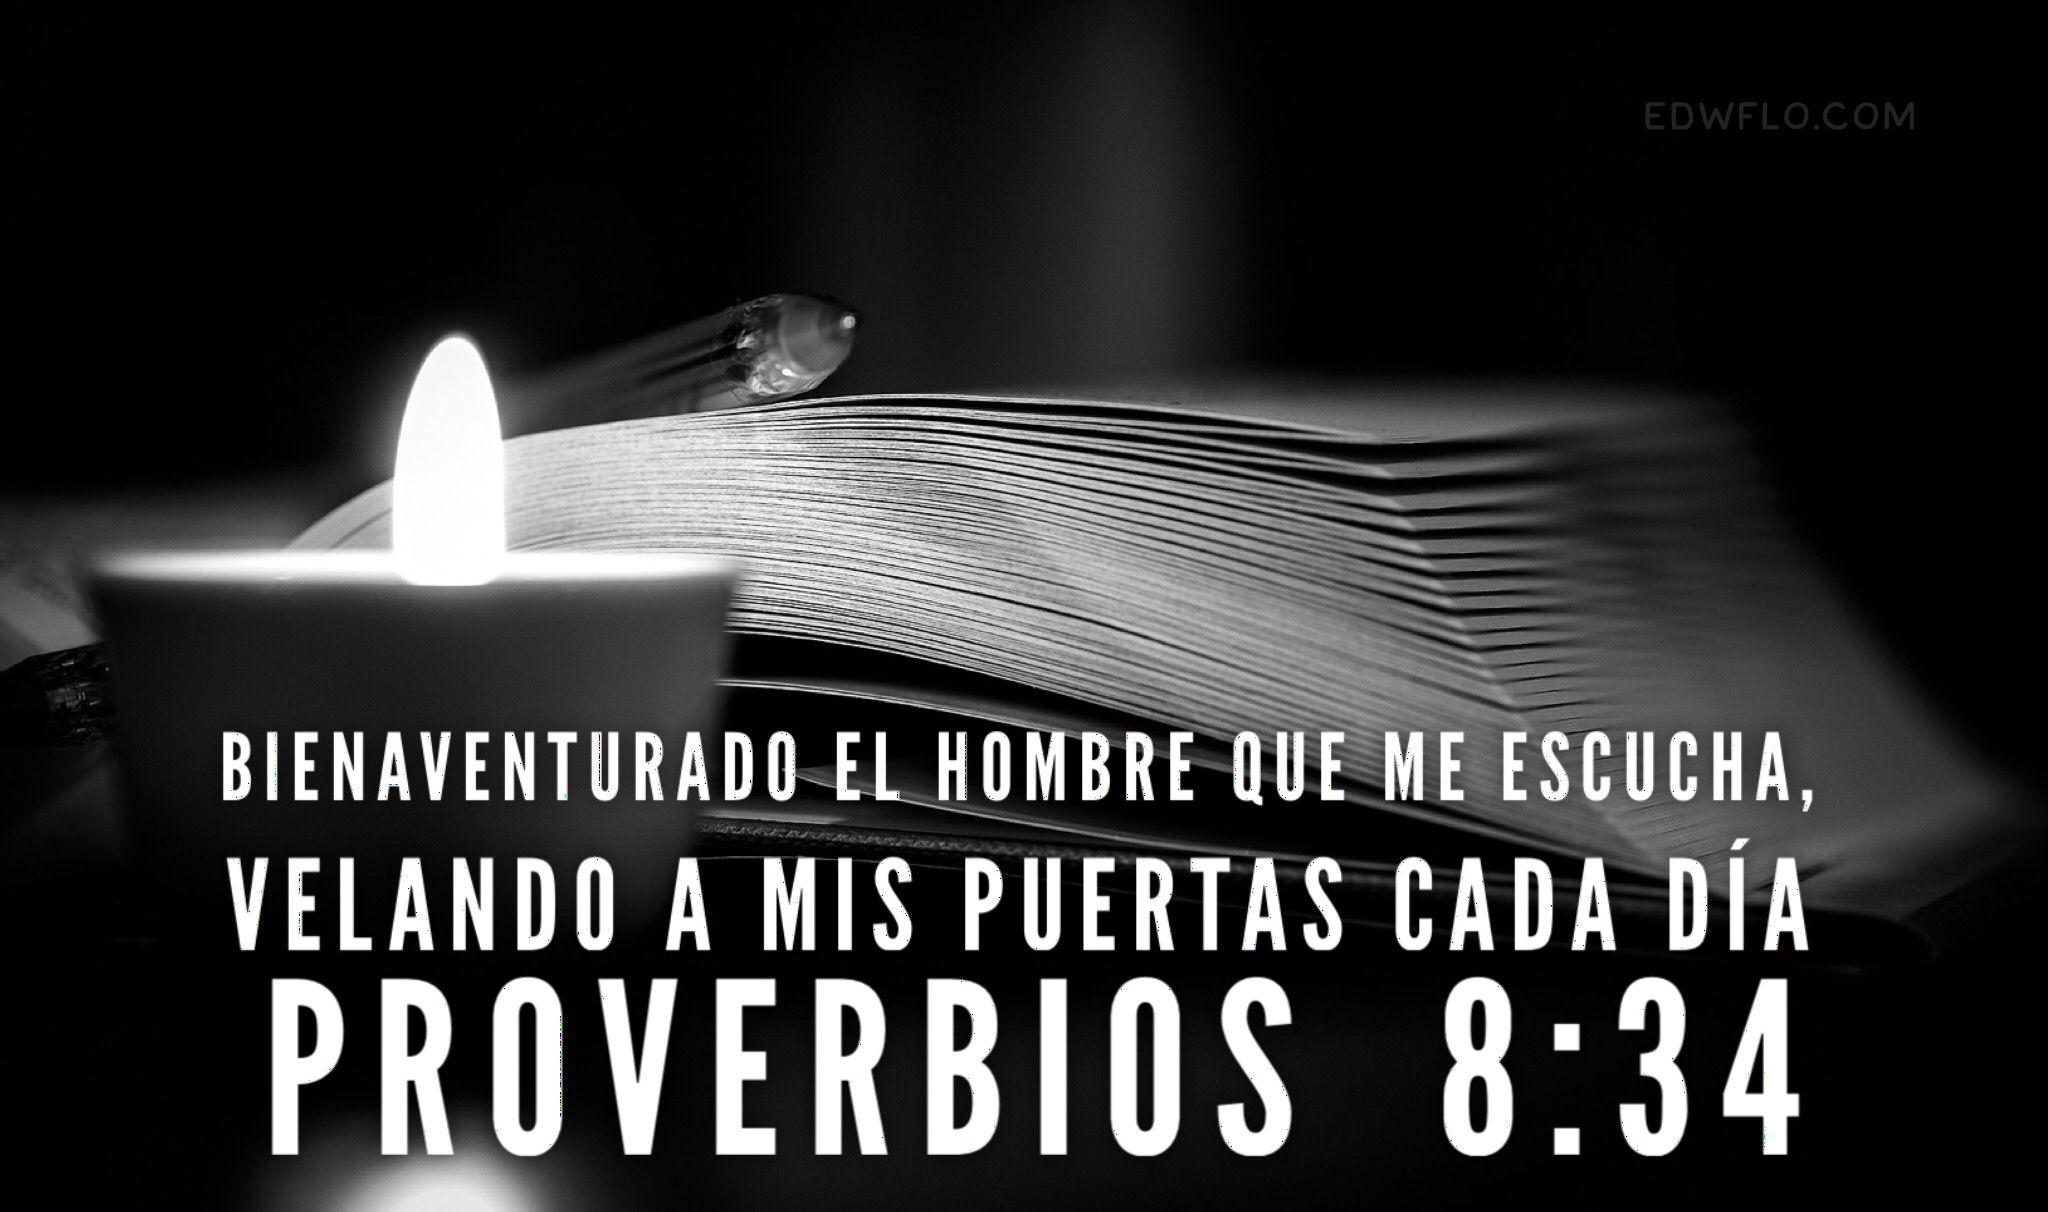 Resultado de imagen para proverbios 8: 34